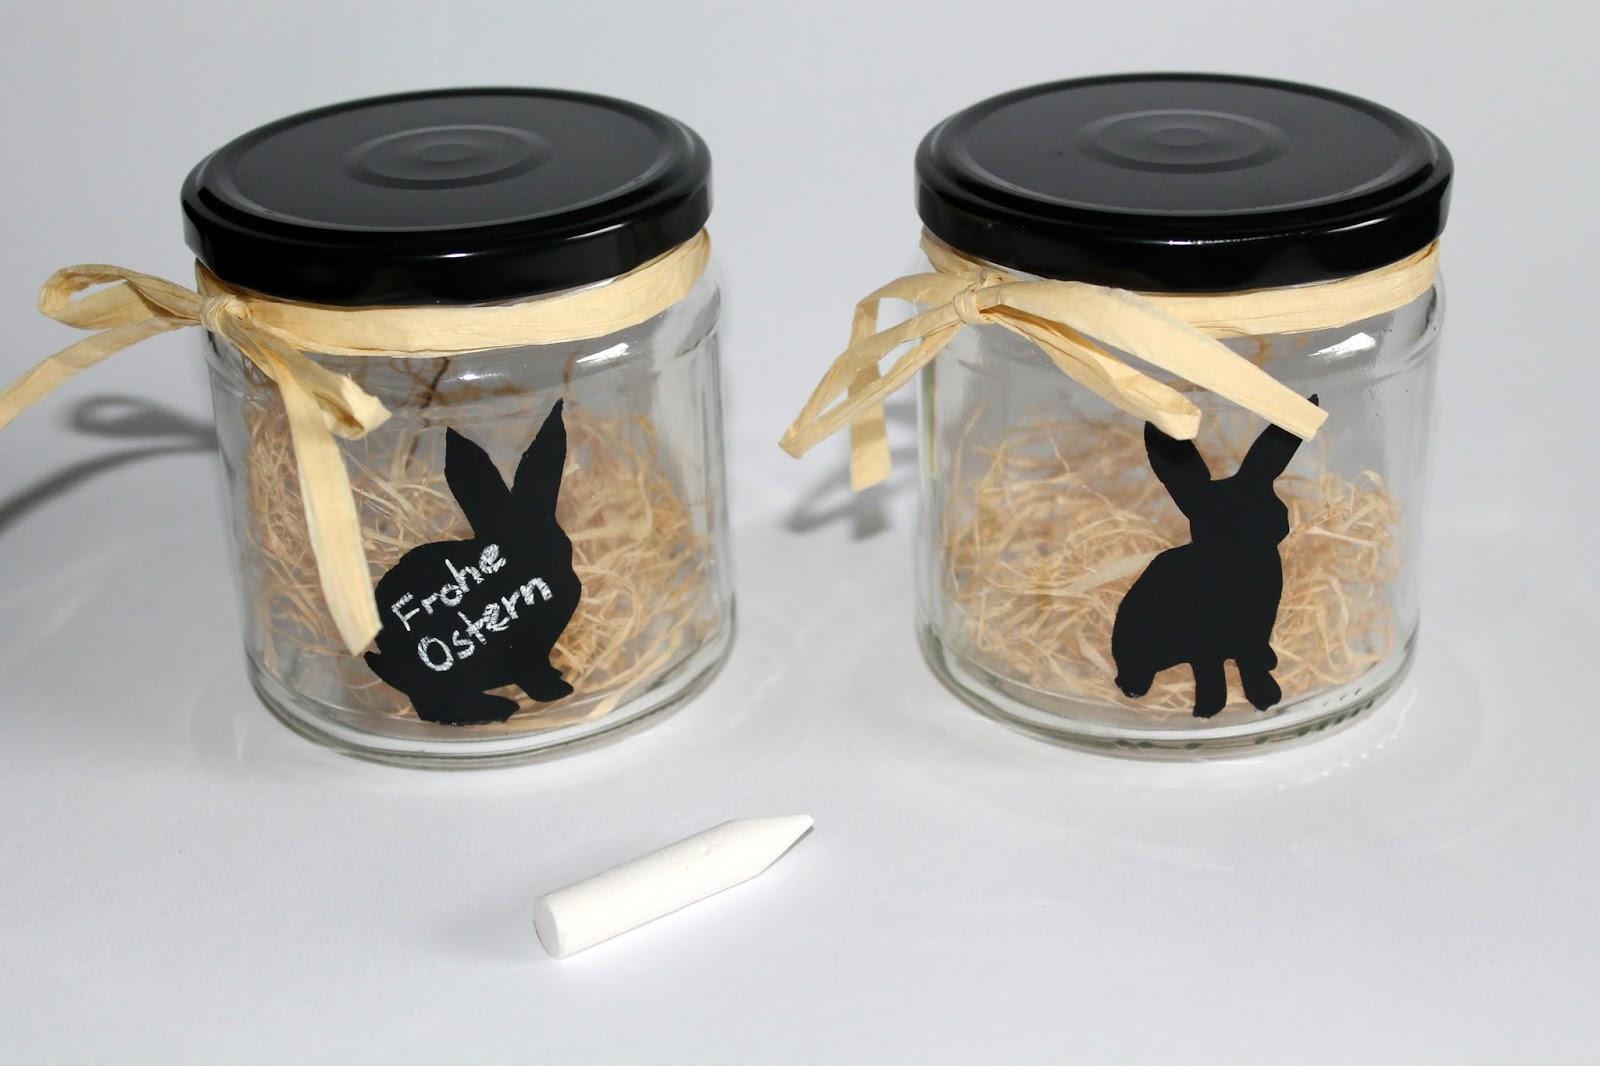 DIY, Basteln: Vorratsgläser mit Tafellackhasen Upcycling / Recycling in Osterdekoration, Wohndekoration und Geschenkideen - DIYCarinchen